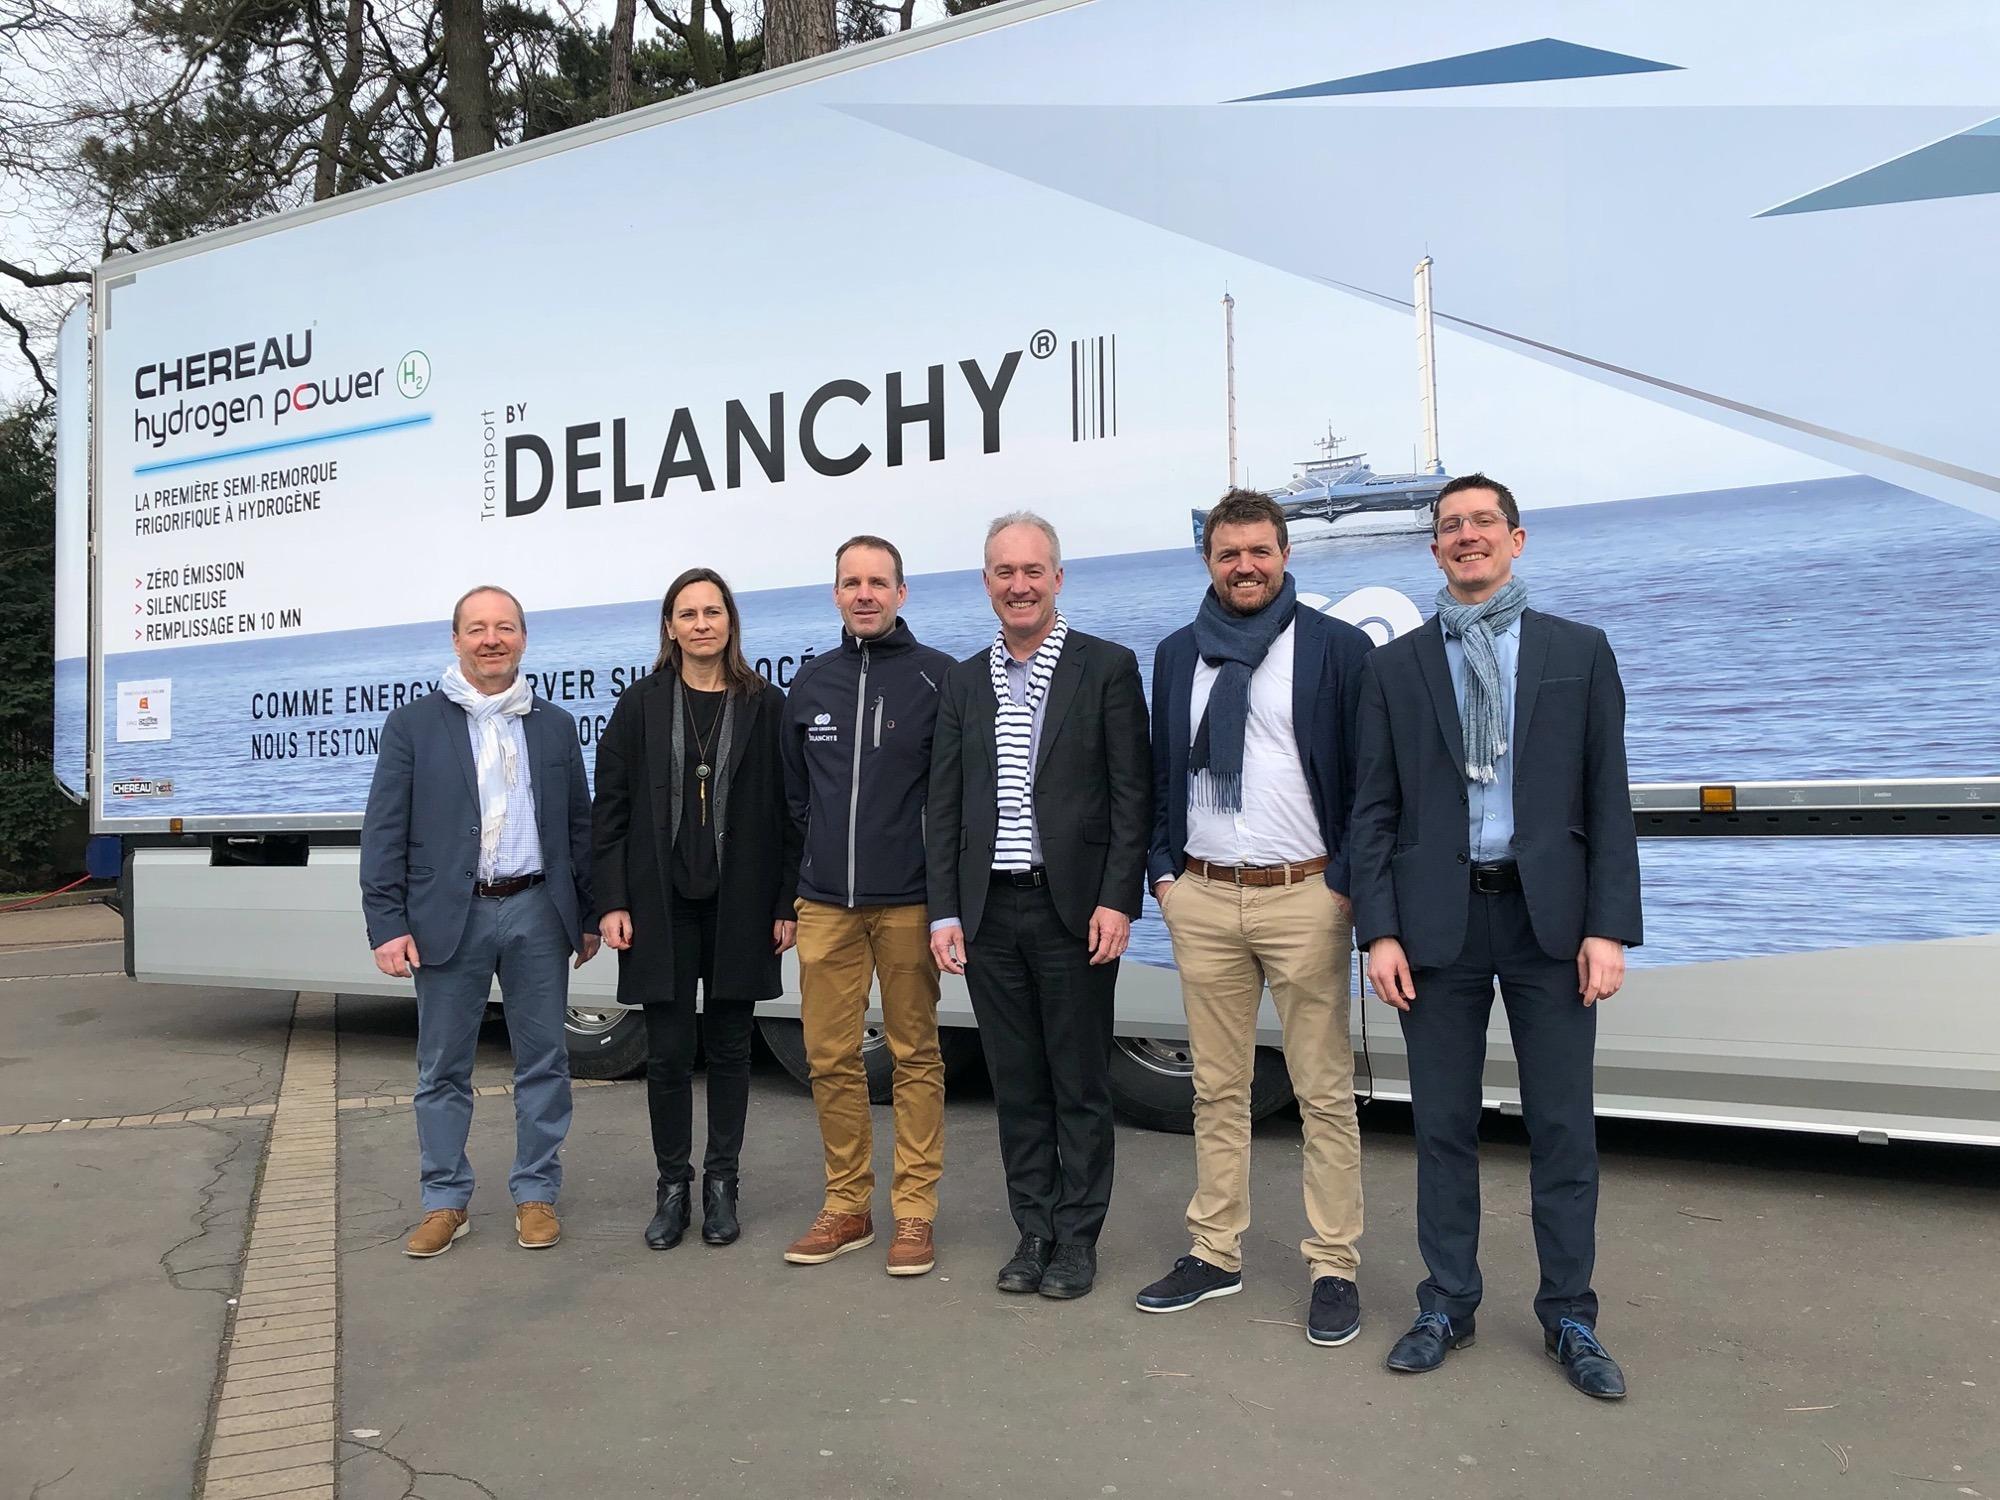 Delanchy et Chéreau annoncent leur semi hydrogène au salon Hyvolution